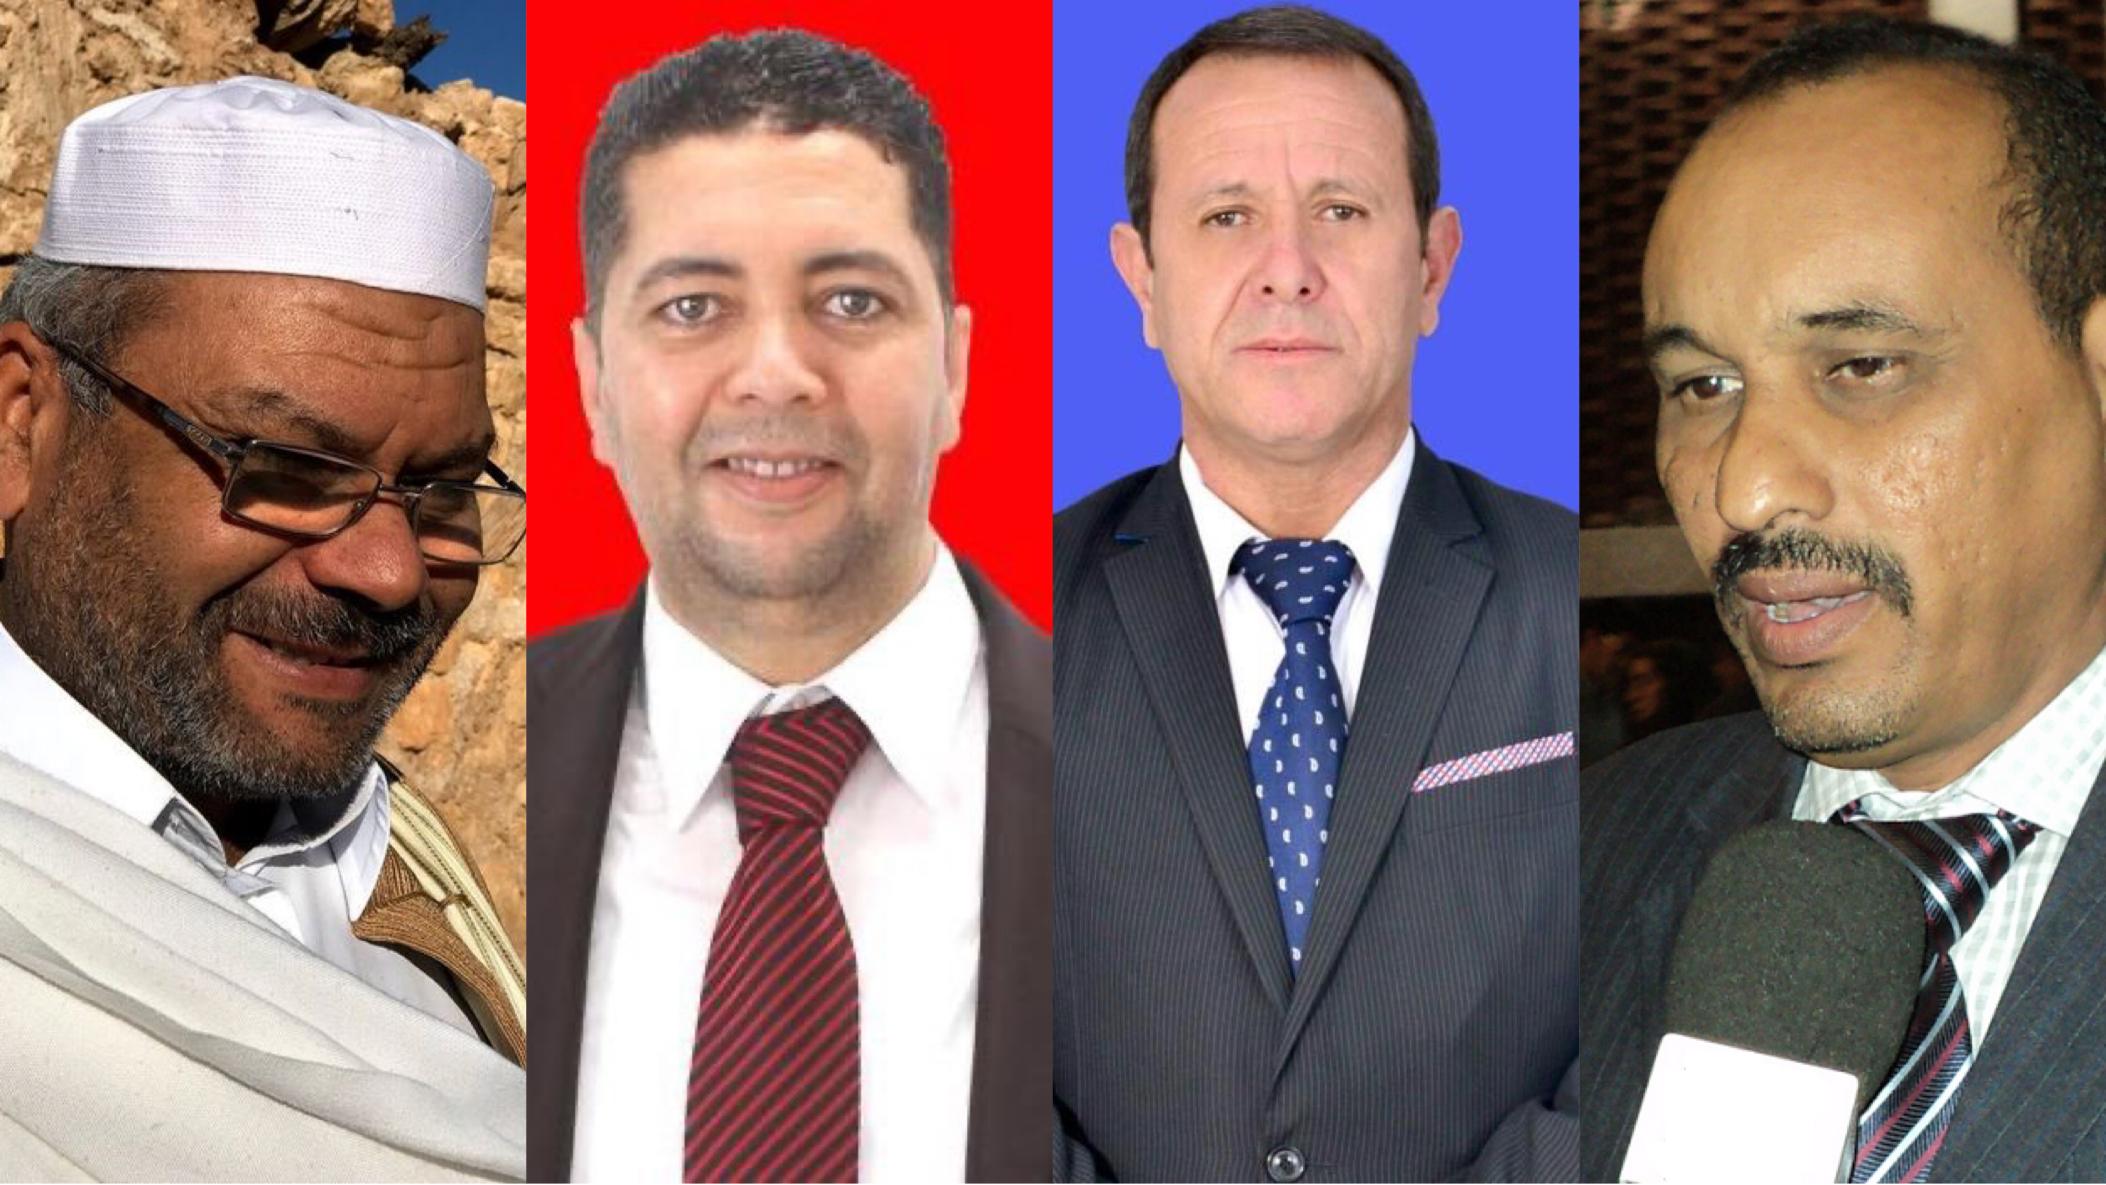 صورة قيادات سياسية مغاربية تحاكم سياسات بلدانها حول الأمازيغية